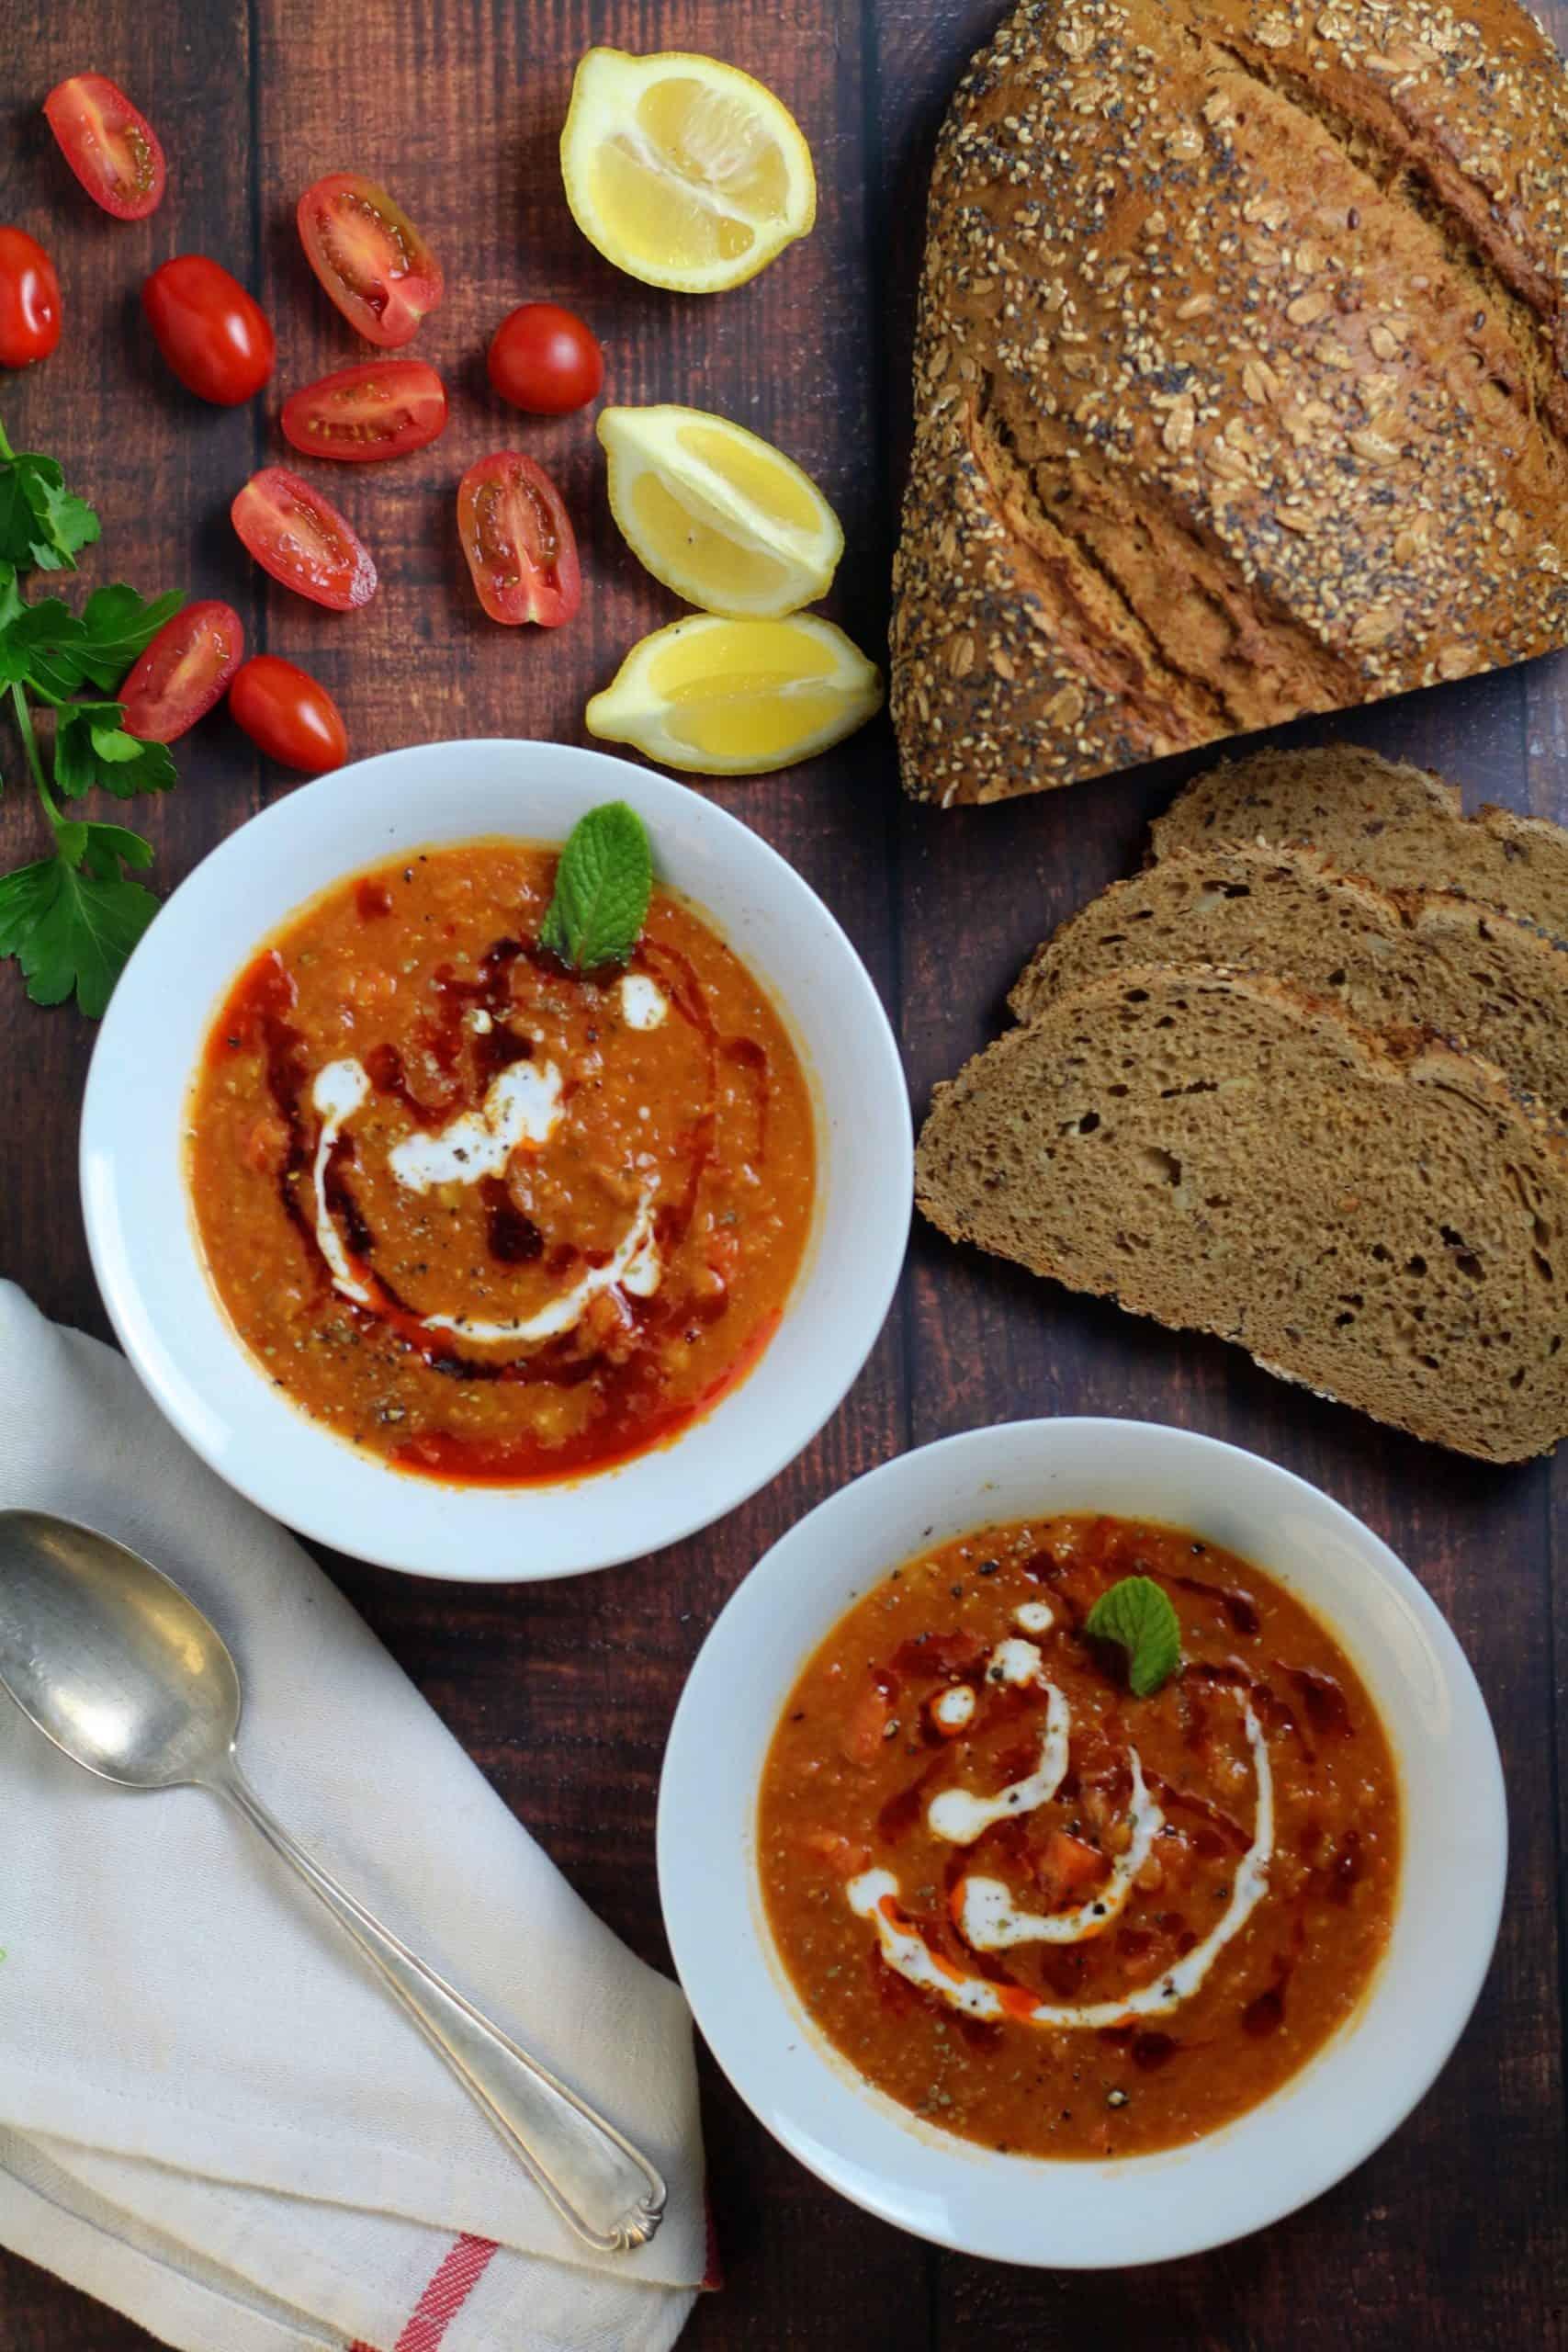 Turkish Red Lentil Soup